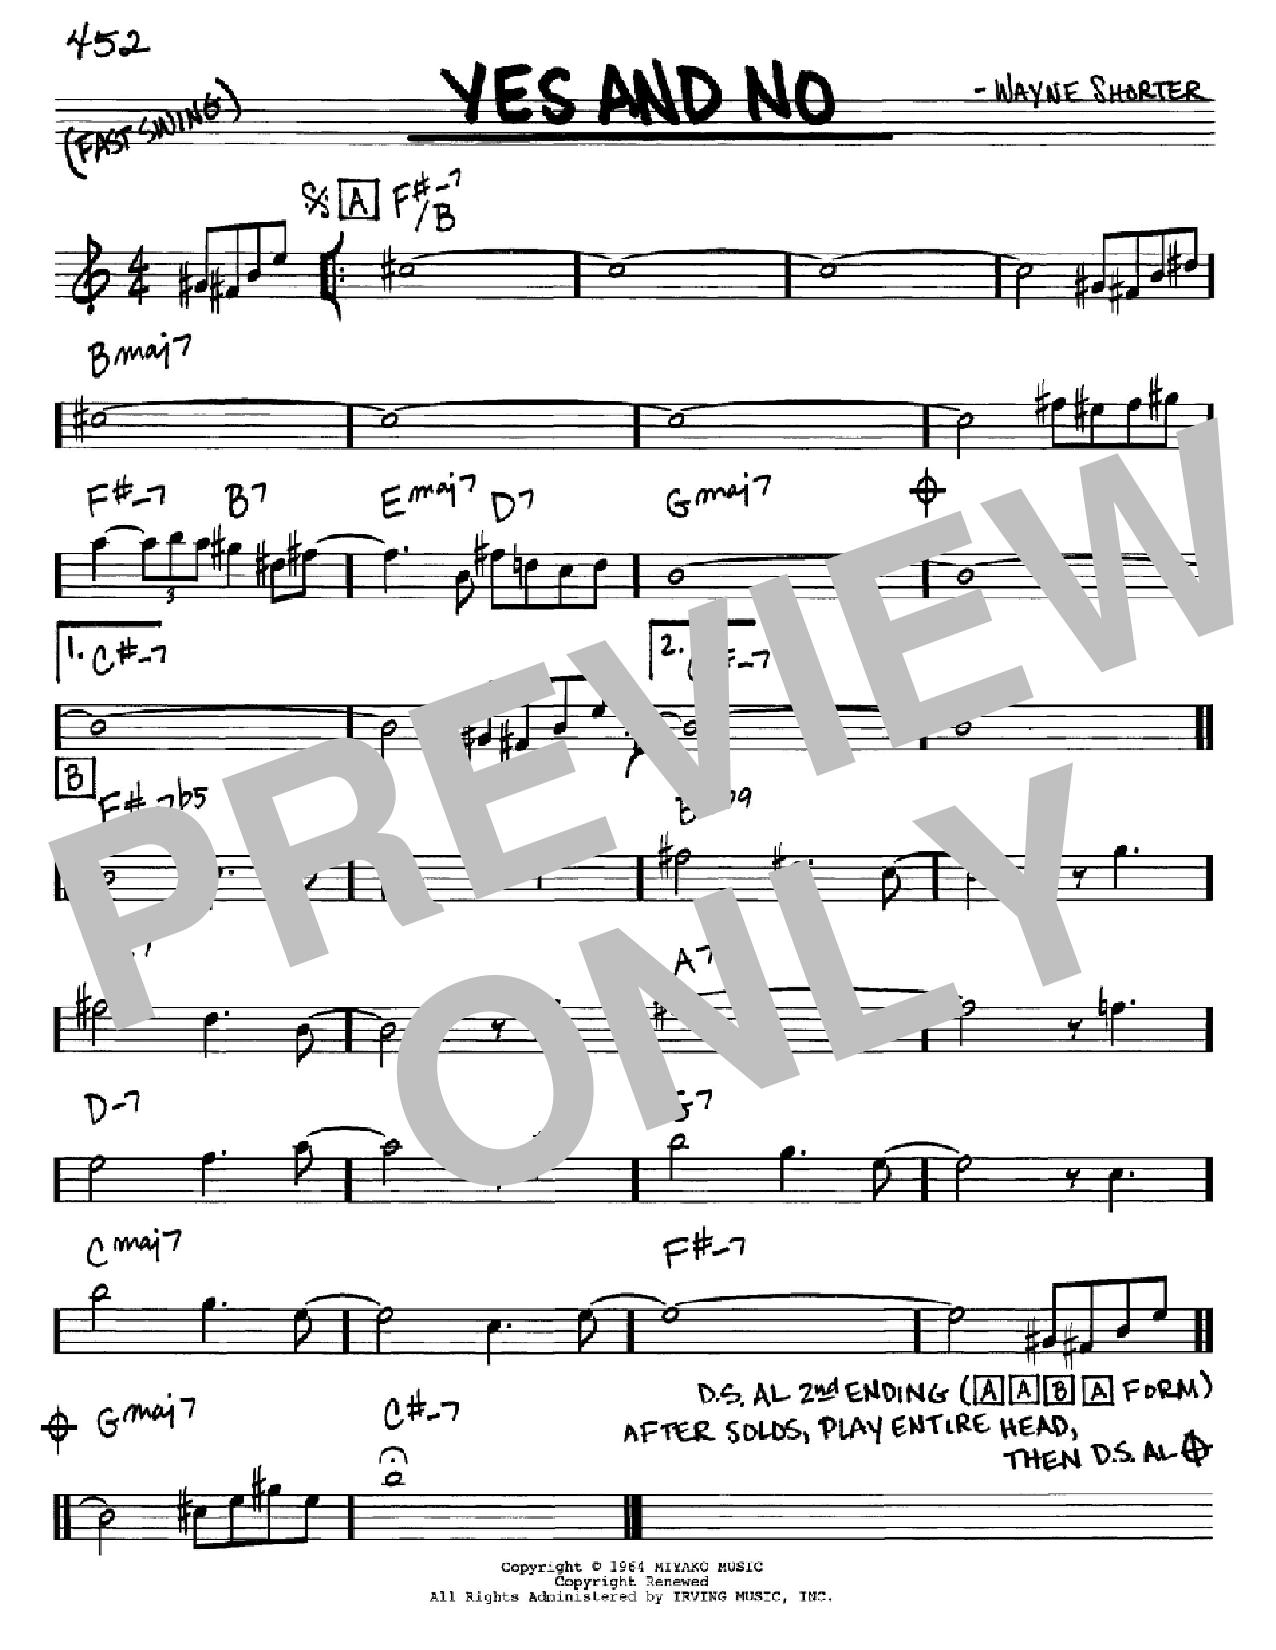 Partition autre Yes And No de Wayne Shorter - Real Book, Melodie et Accords, Inst. En Mib